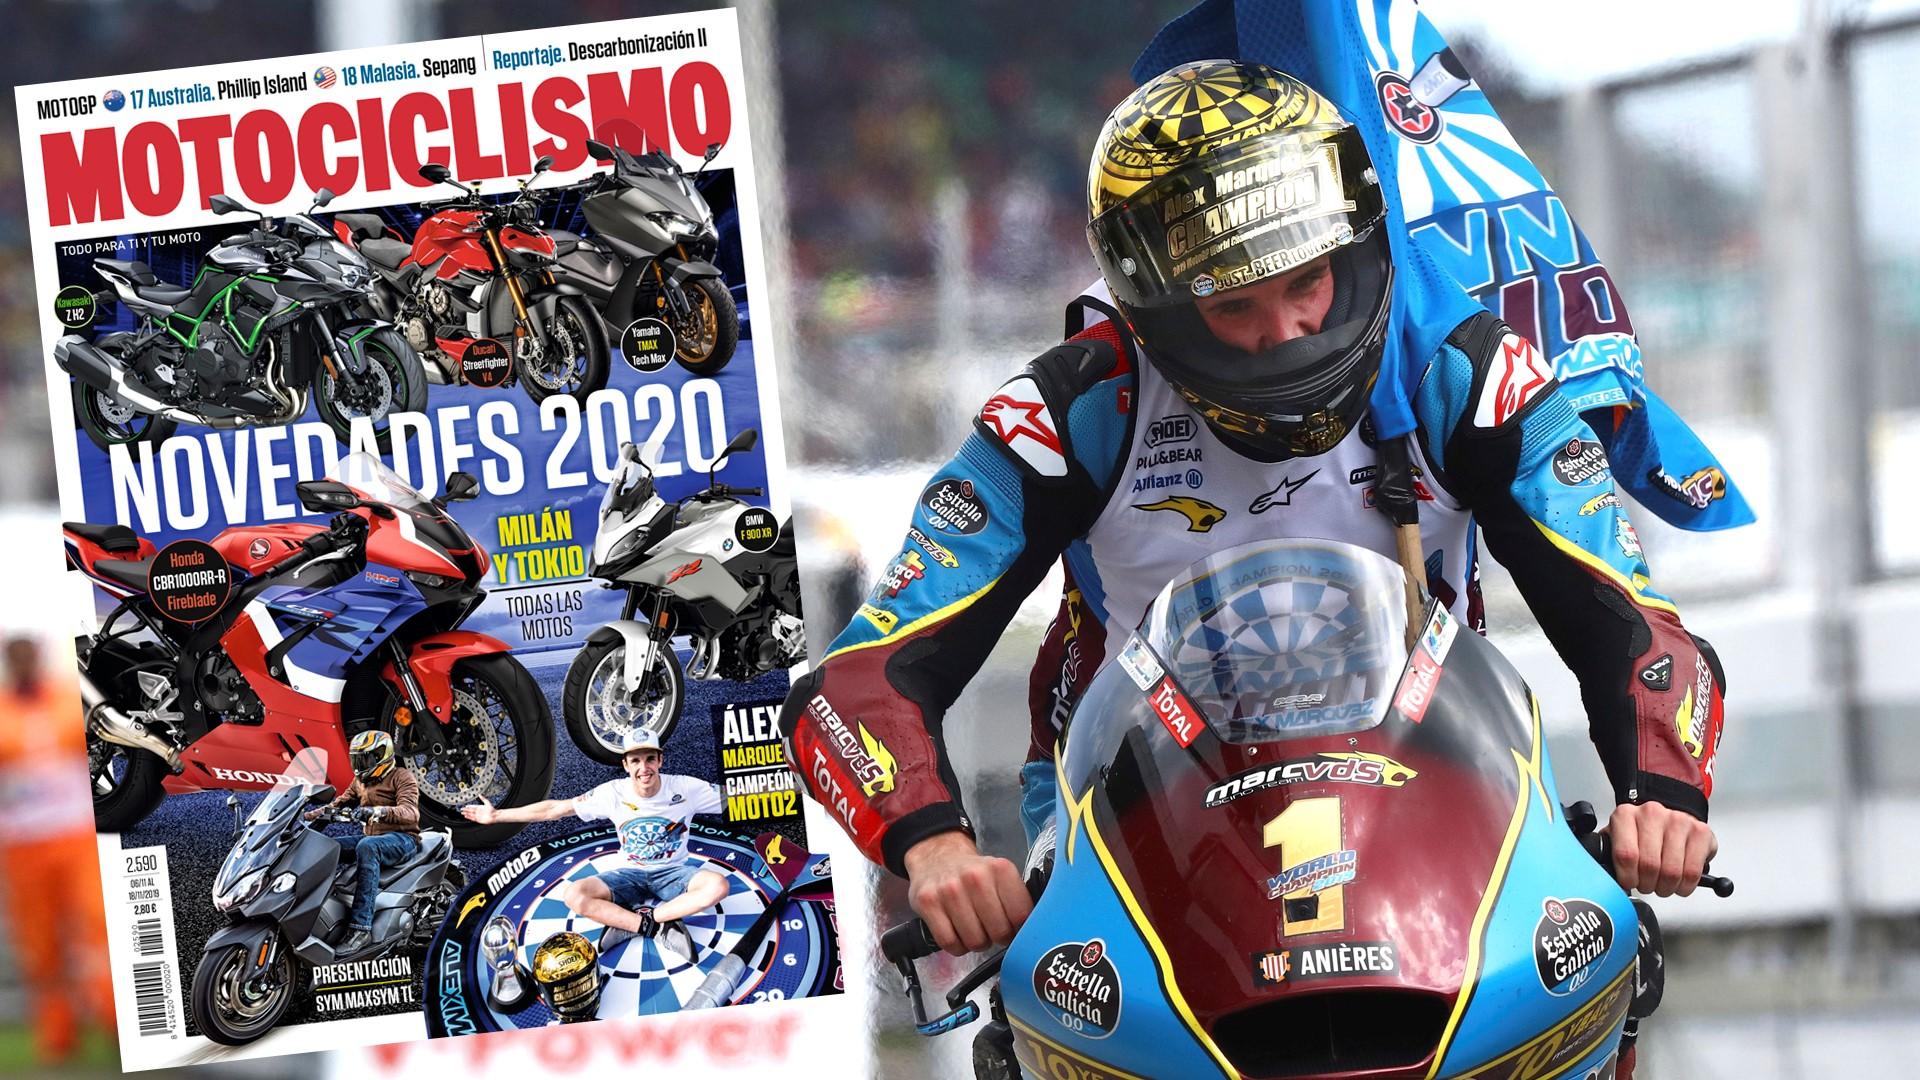 MOTOCICLISMO 2.590, contenidos y sumario de la revista